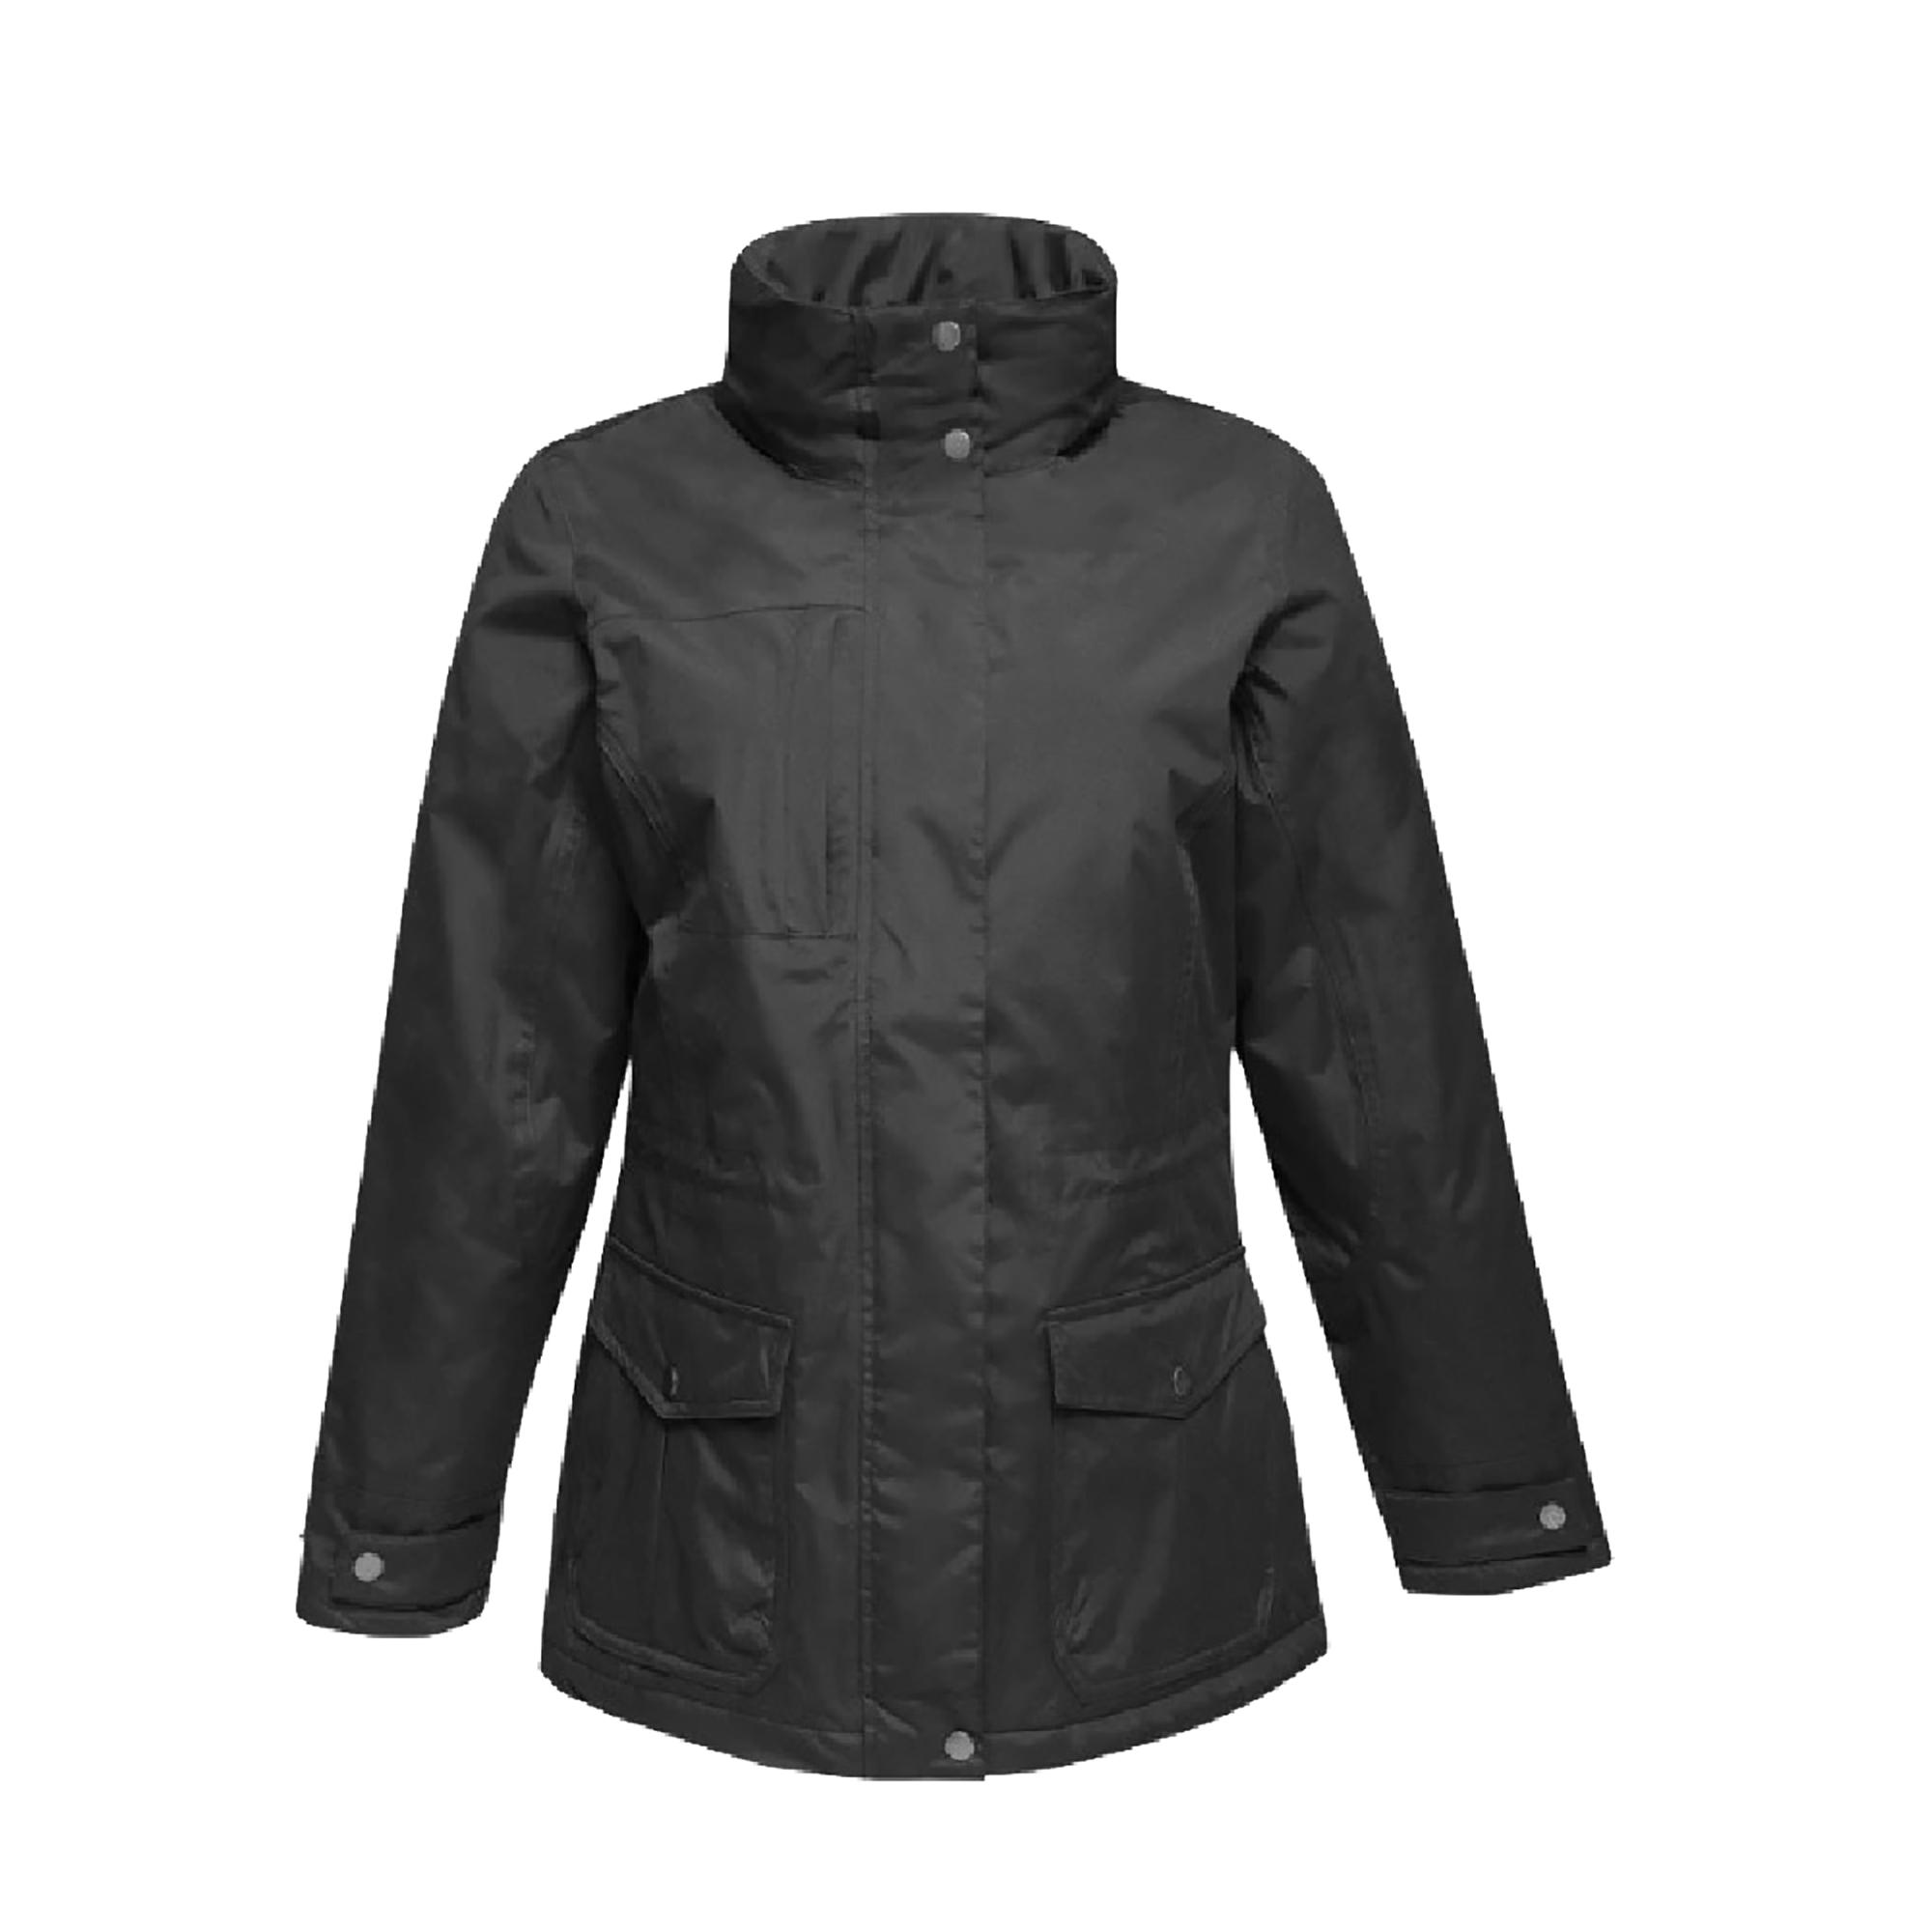 Regatta Womens/Ladies Darby III Waterproof Insulated Jacket (12 UK) (Black/Black)